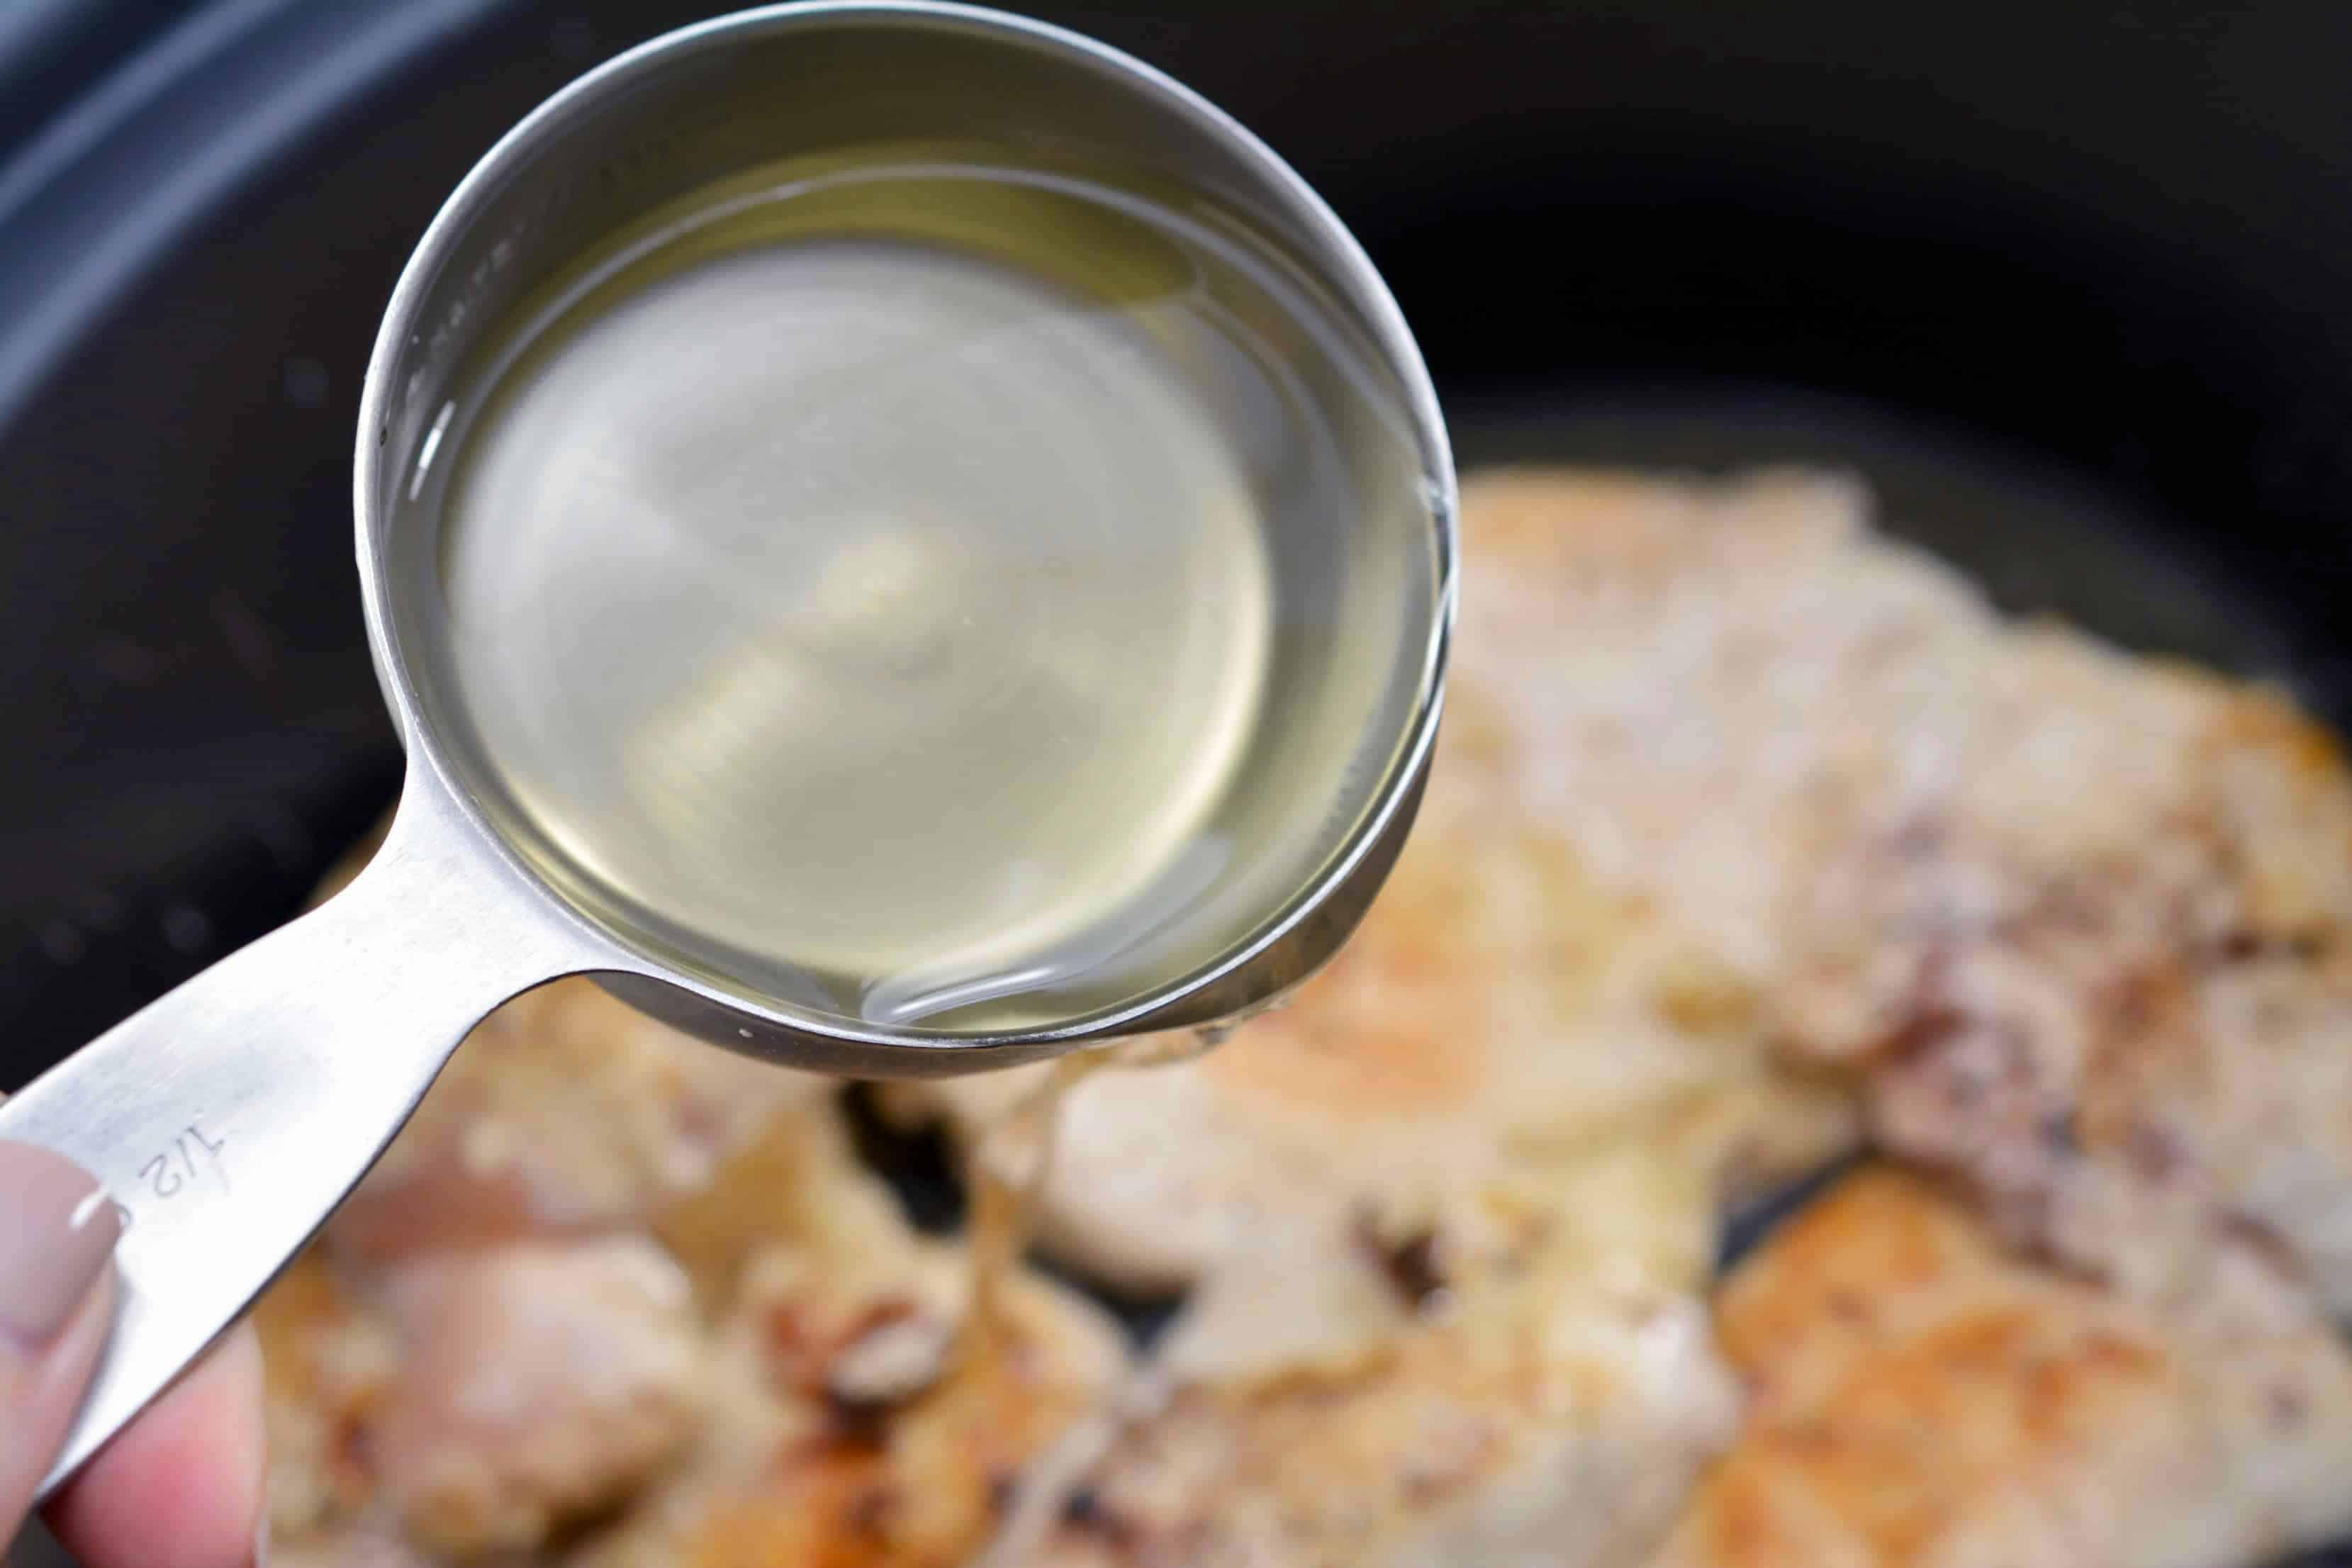 add white wine to the chicken